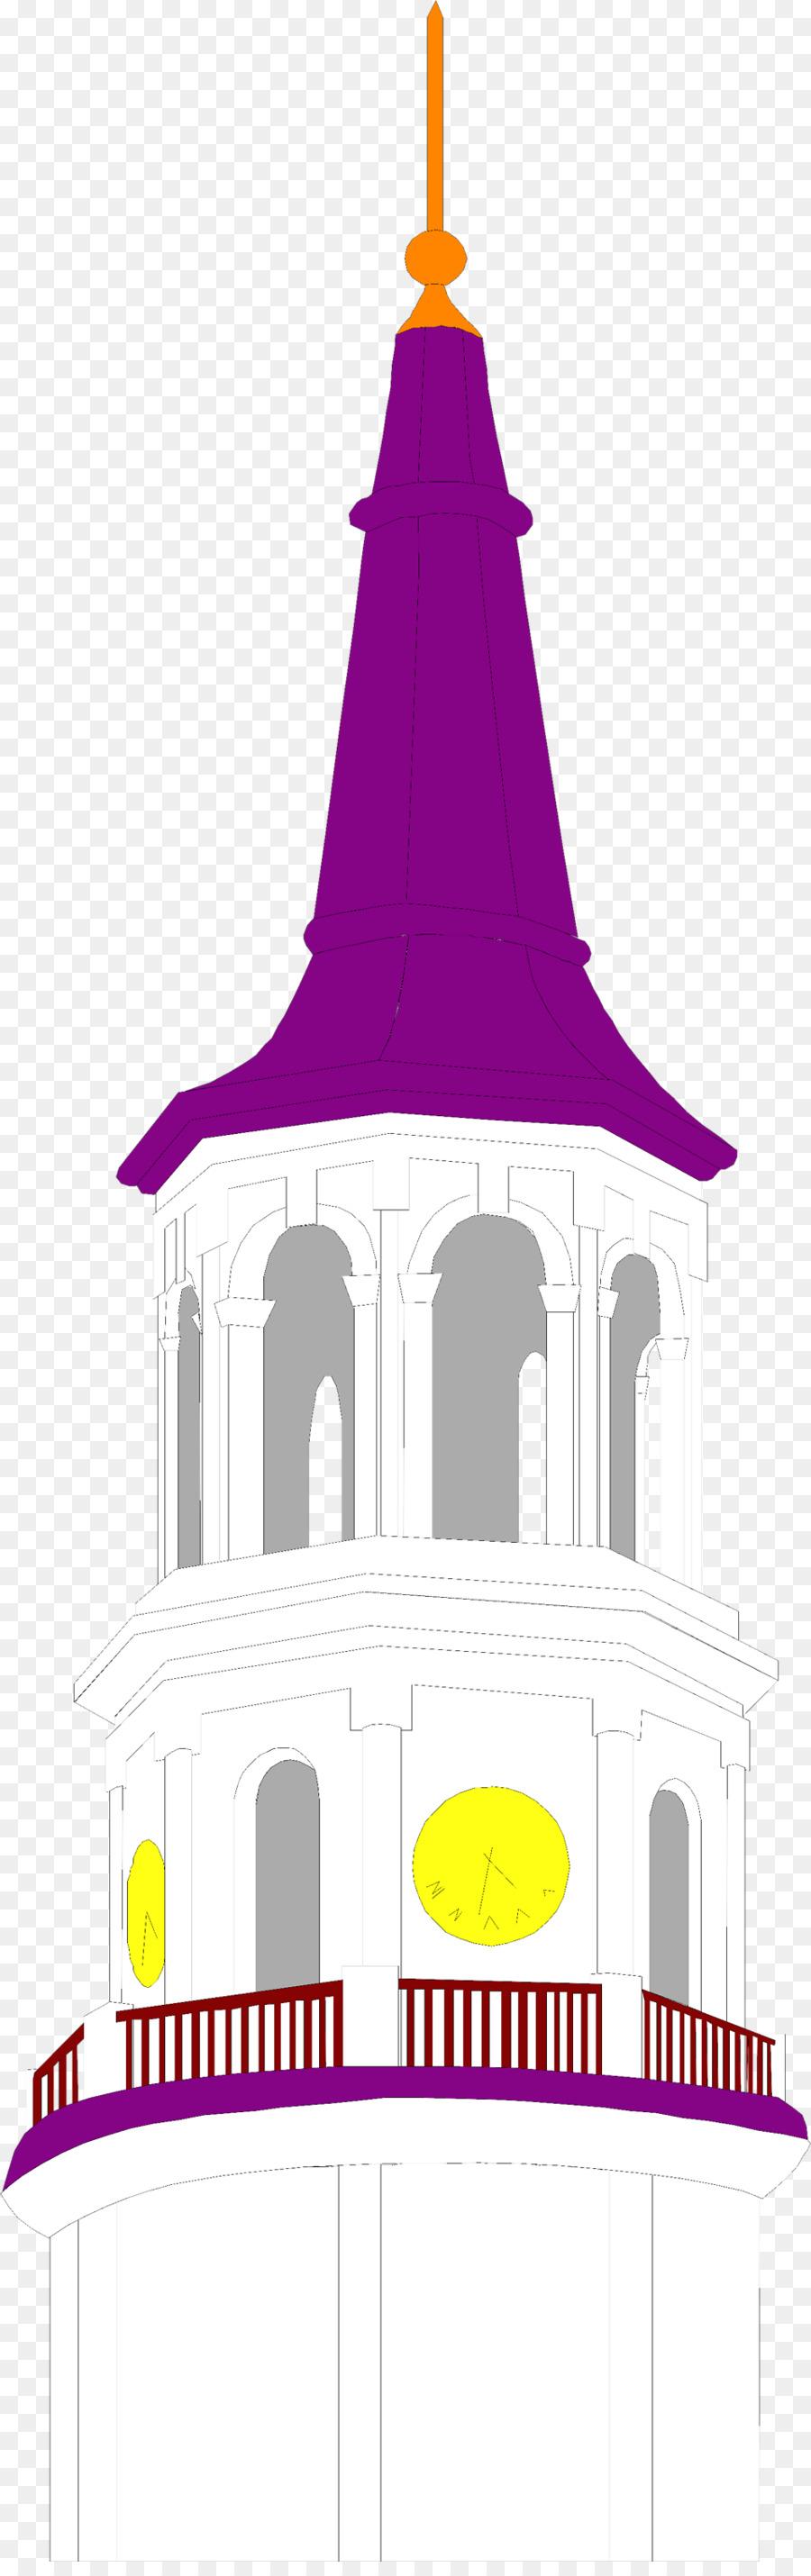 900x2860 Town Council Building Png Transparent Town Council Building.png